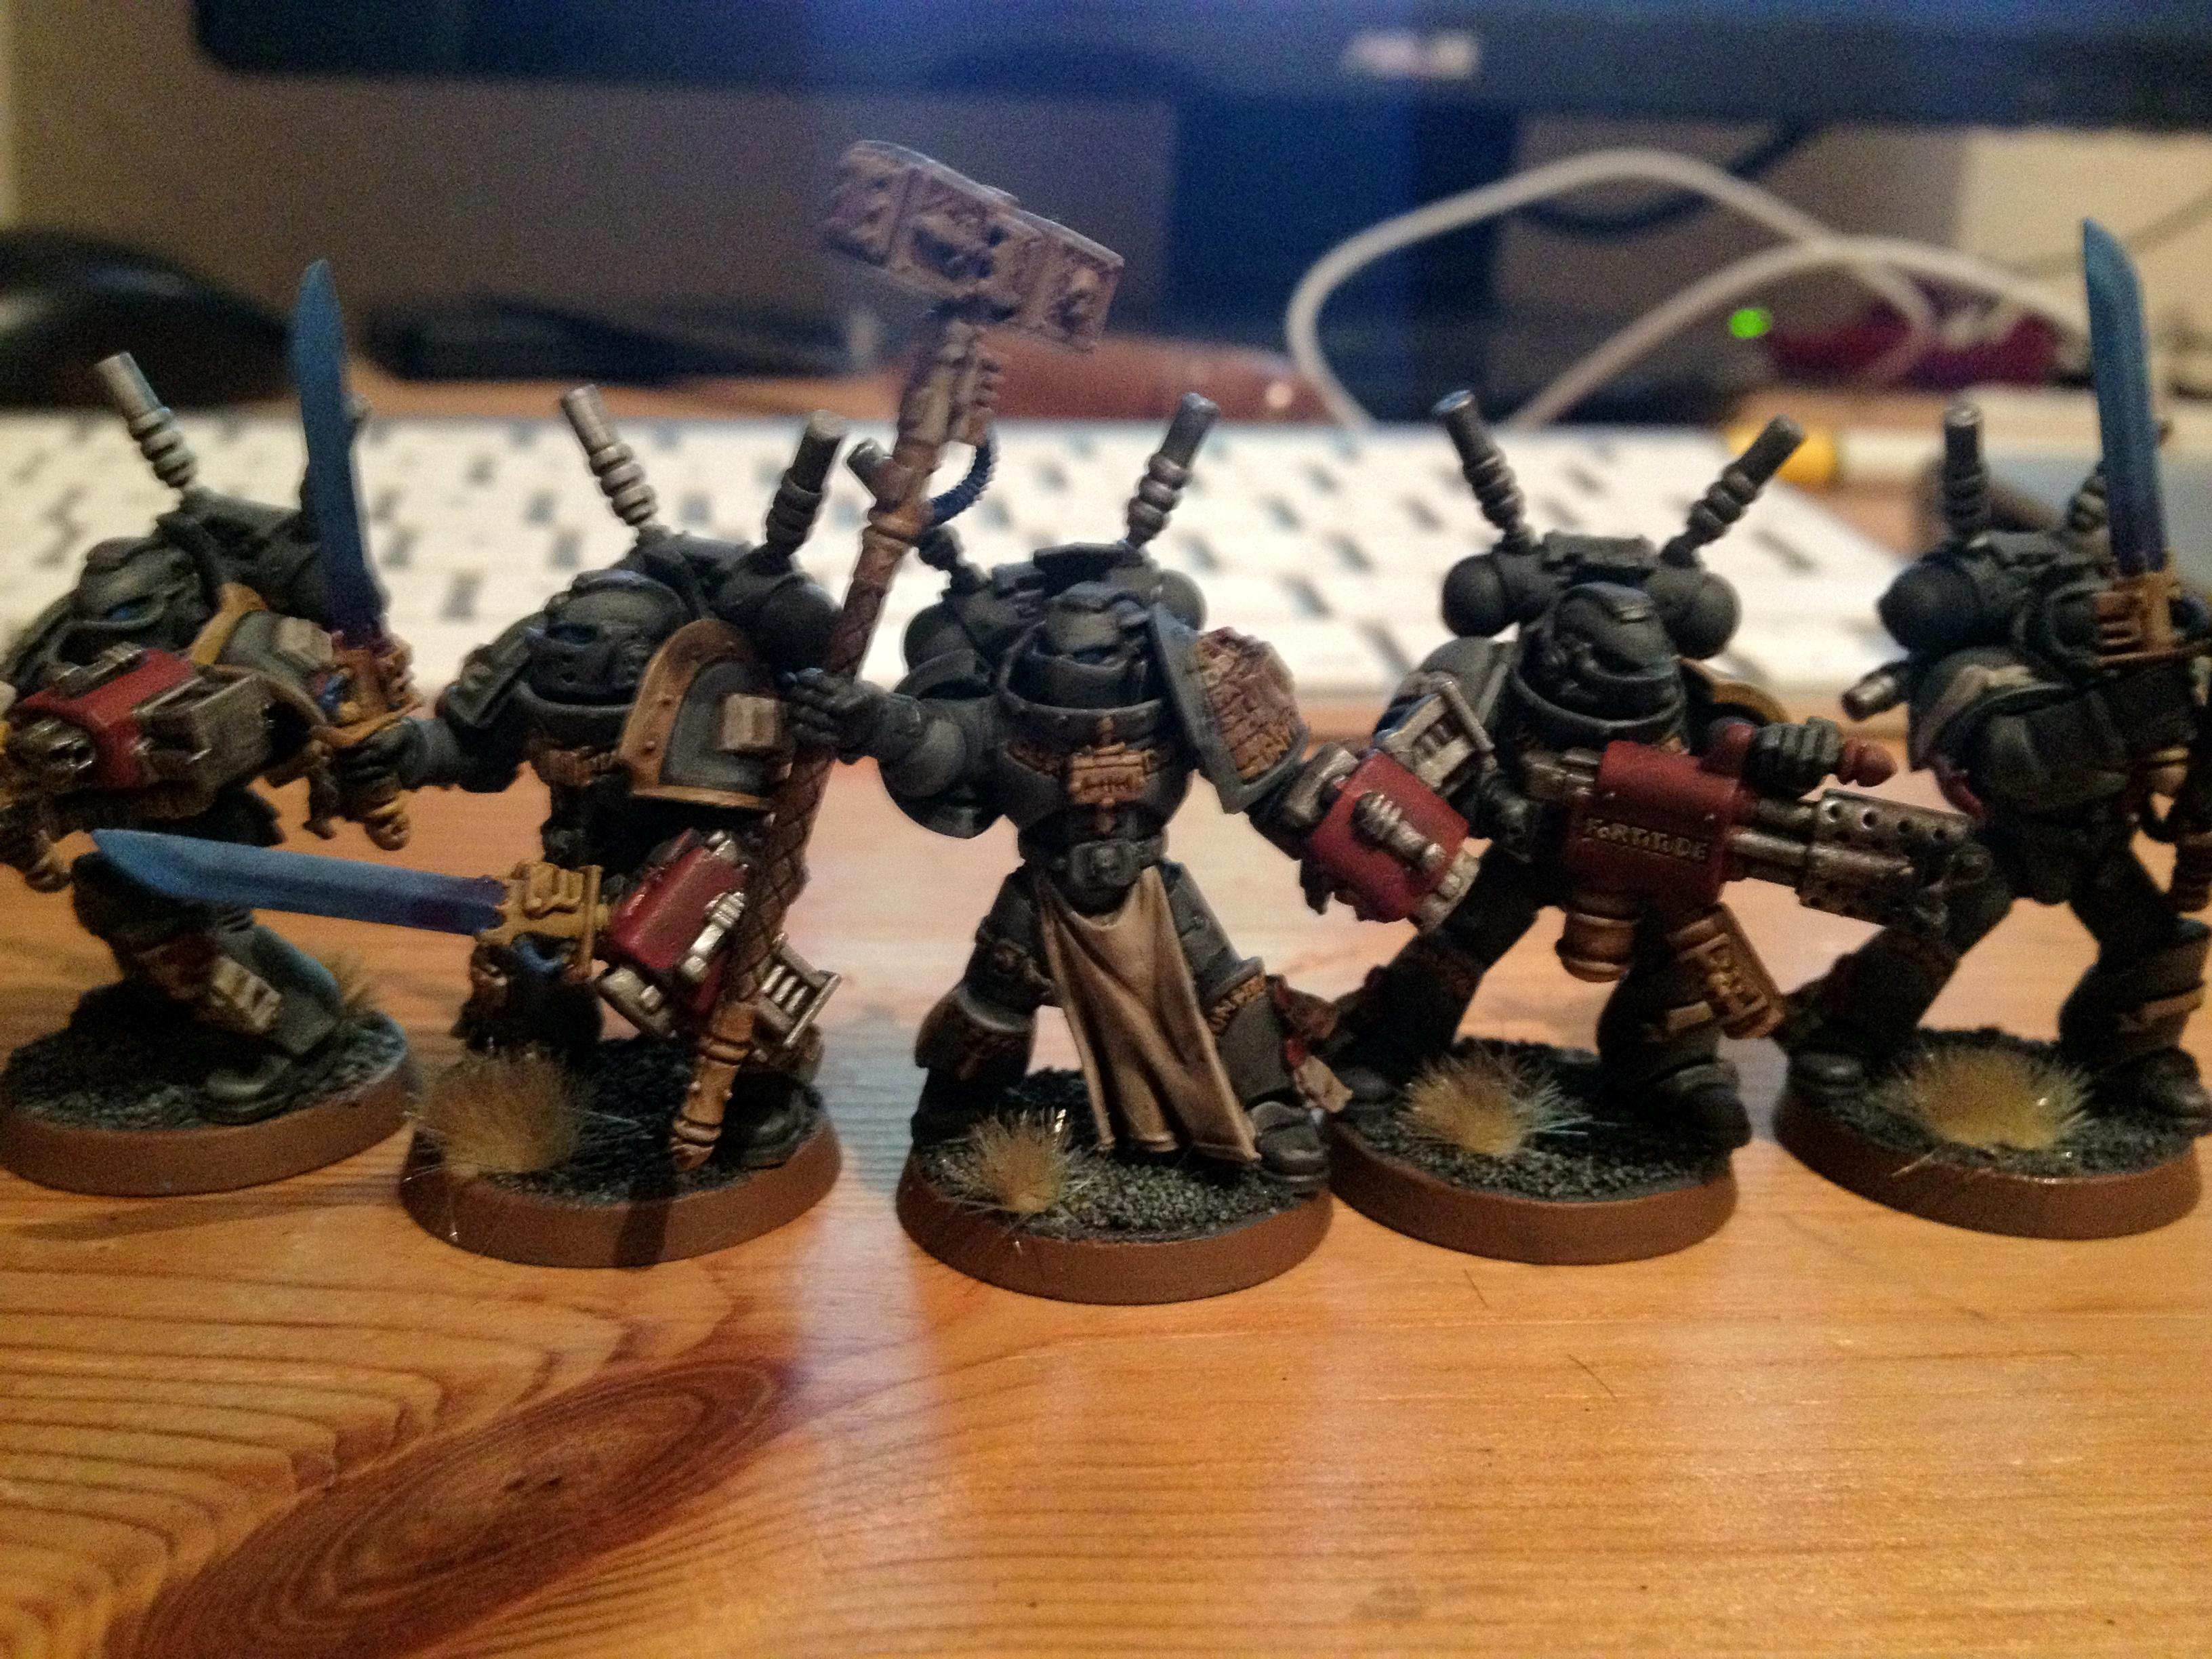 Grey Knights, Imperial, Warhammer 40,000